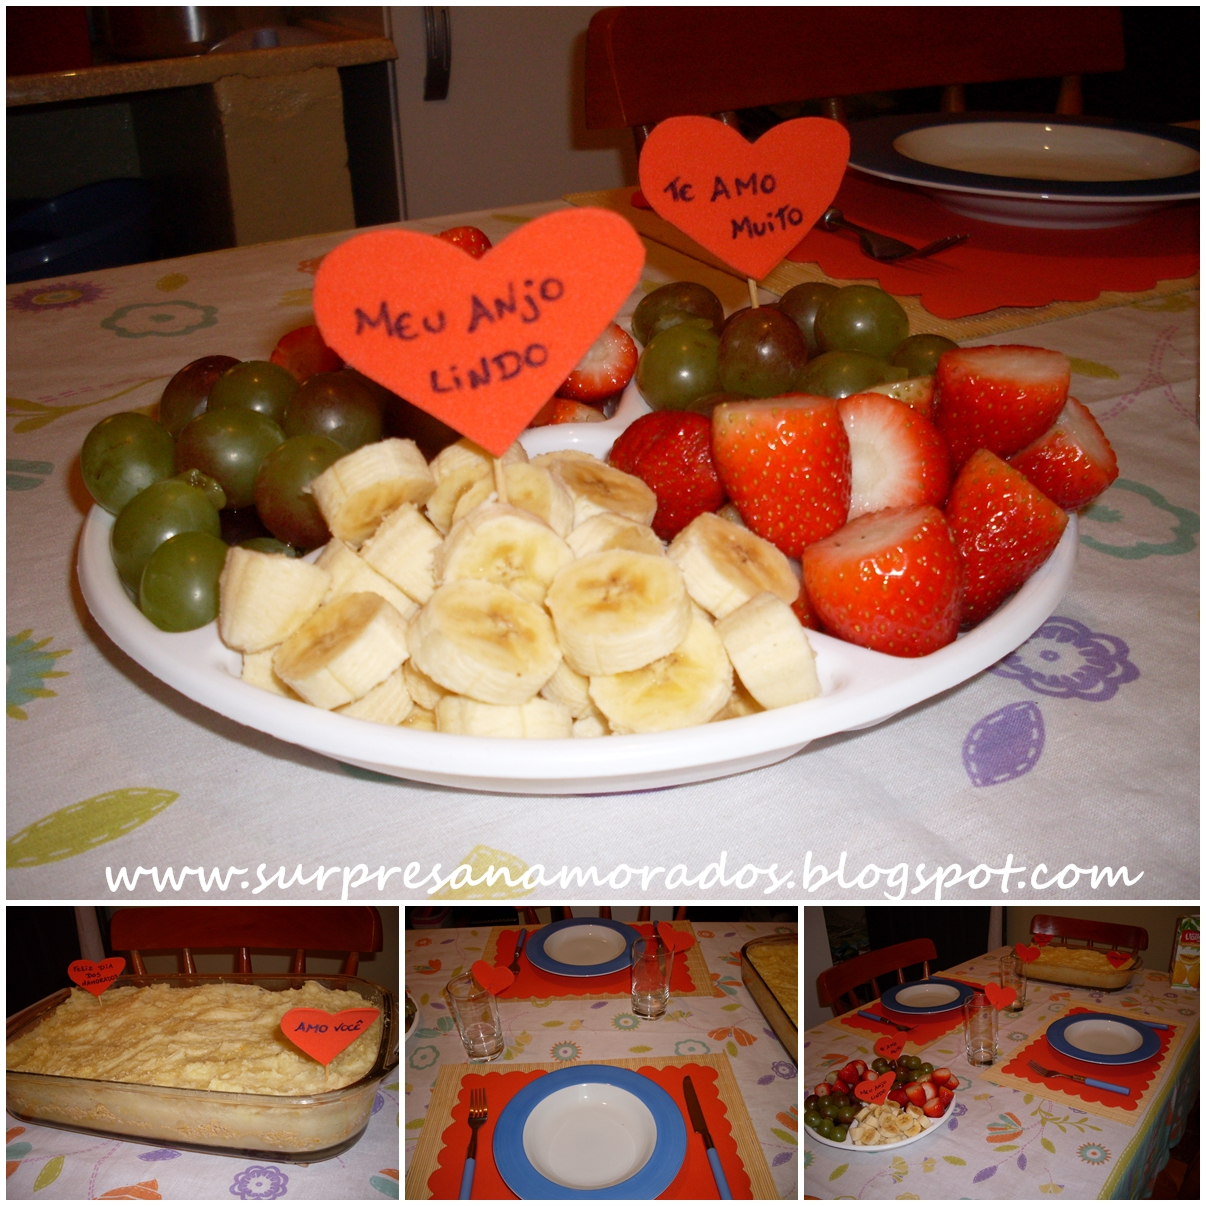 Suficiente Dia dos Namorados - Jantar em Casa | Surpresas para Namorados KB28